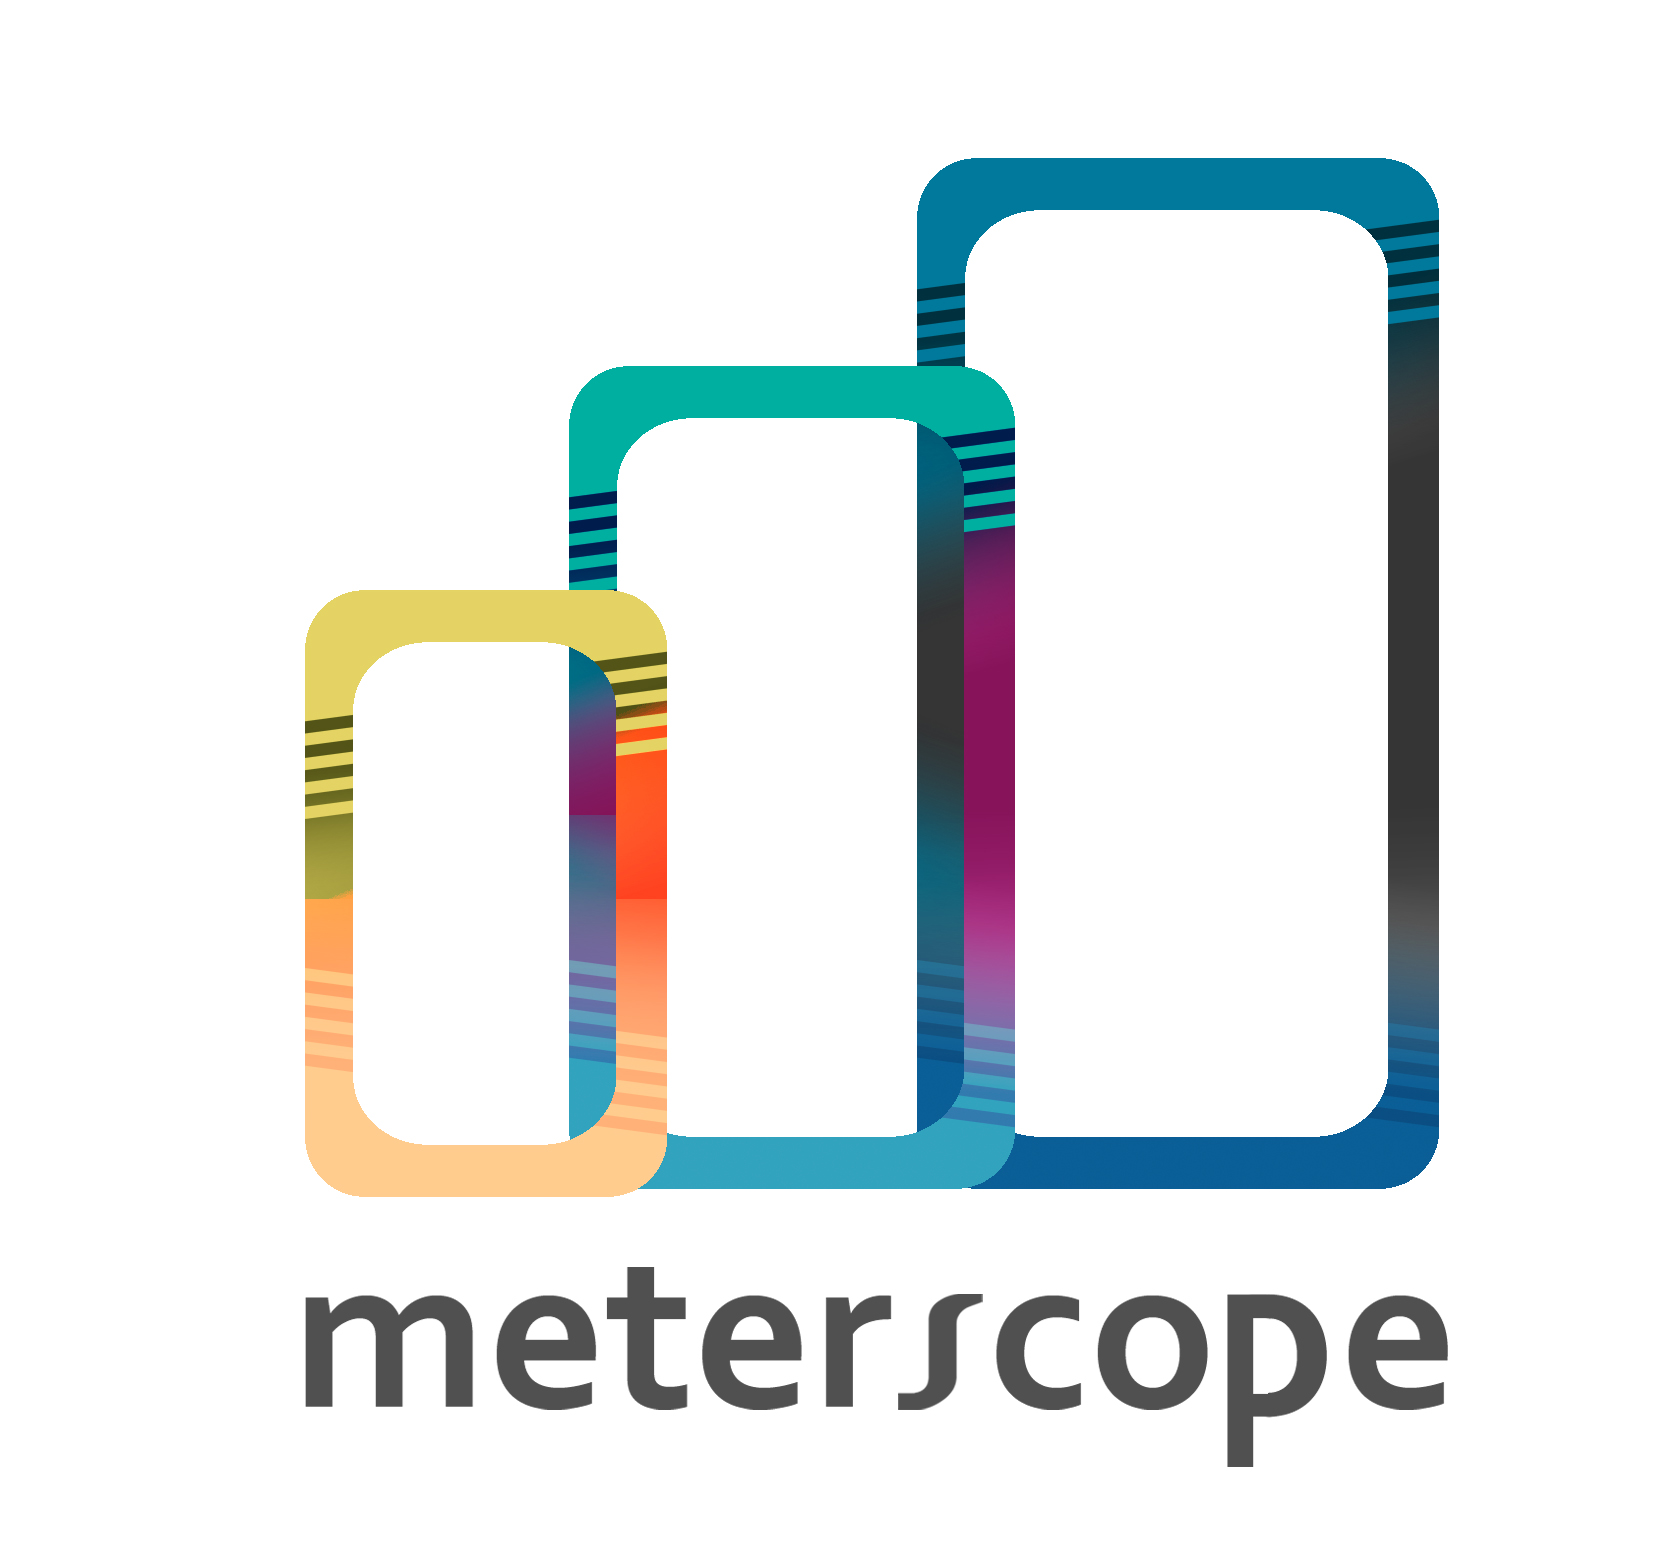 Meterscope Energy Metering Automation Telemetry